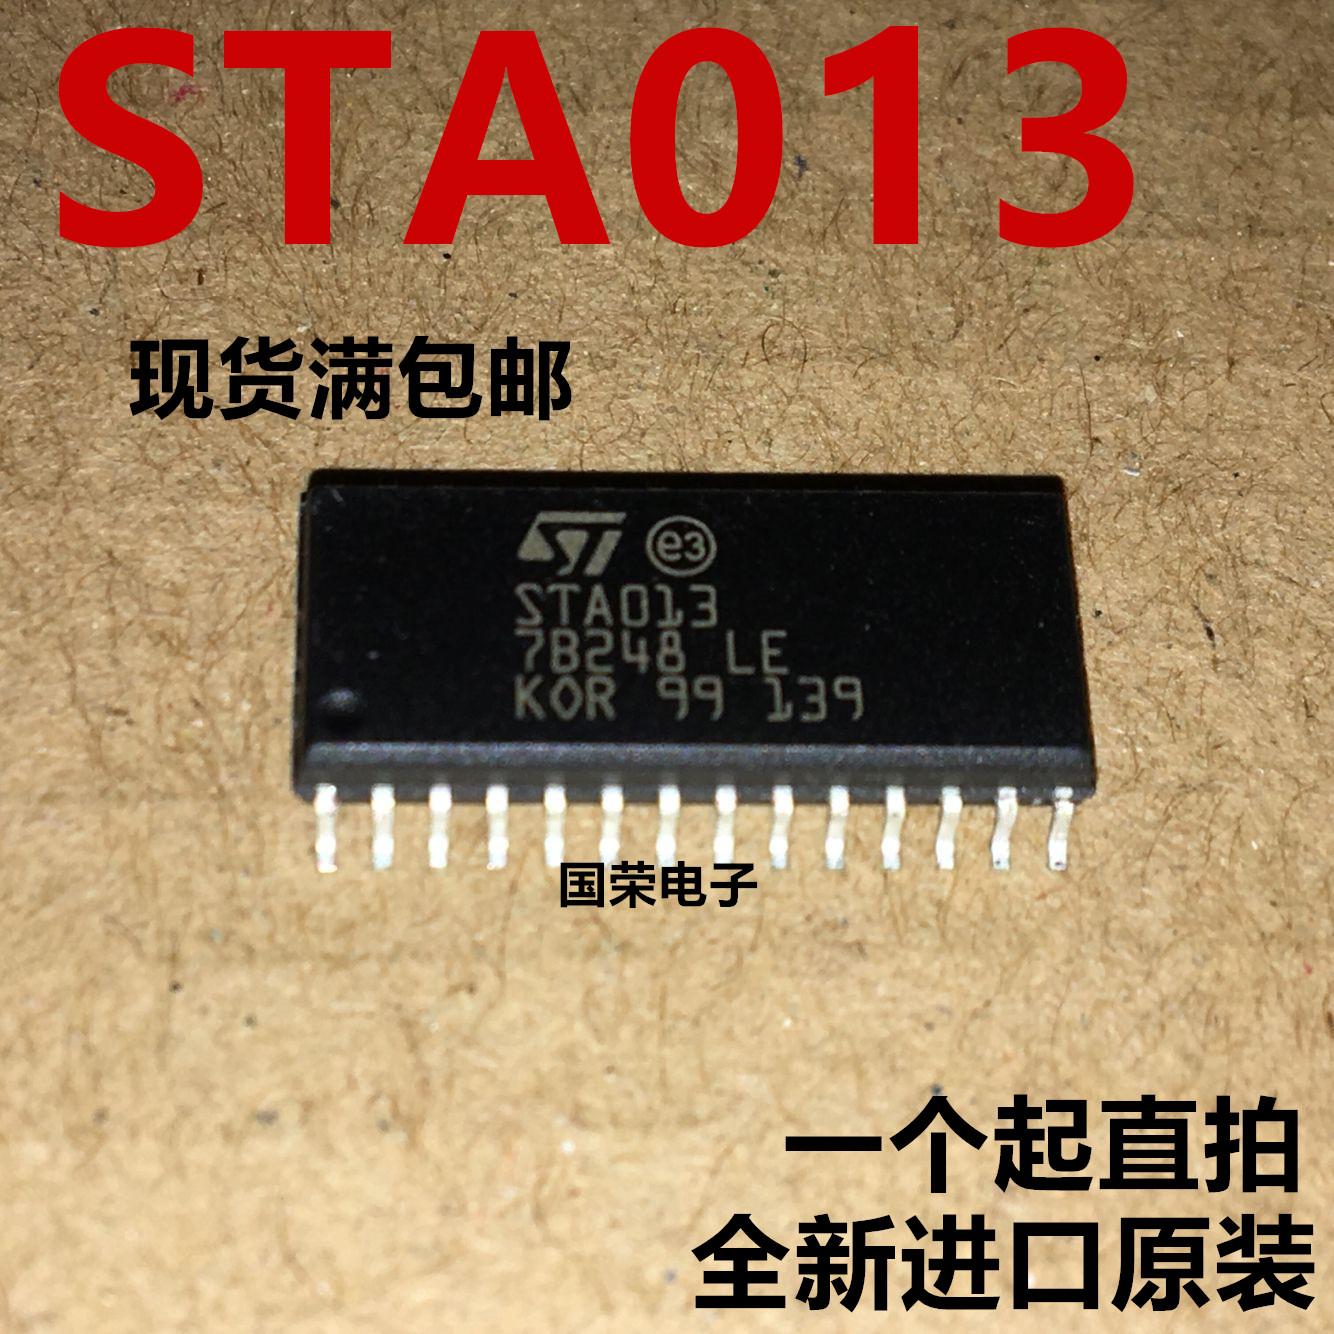 全新原装 MP3音频解码器 STA013 SOP28 STA013T 芯片 IC 编码器